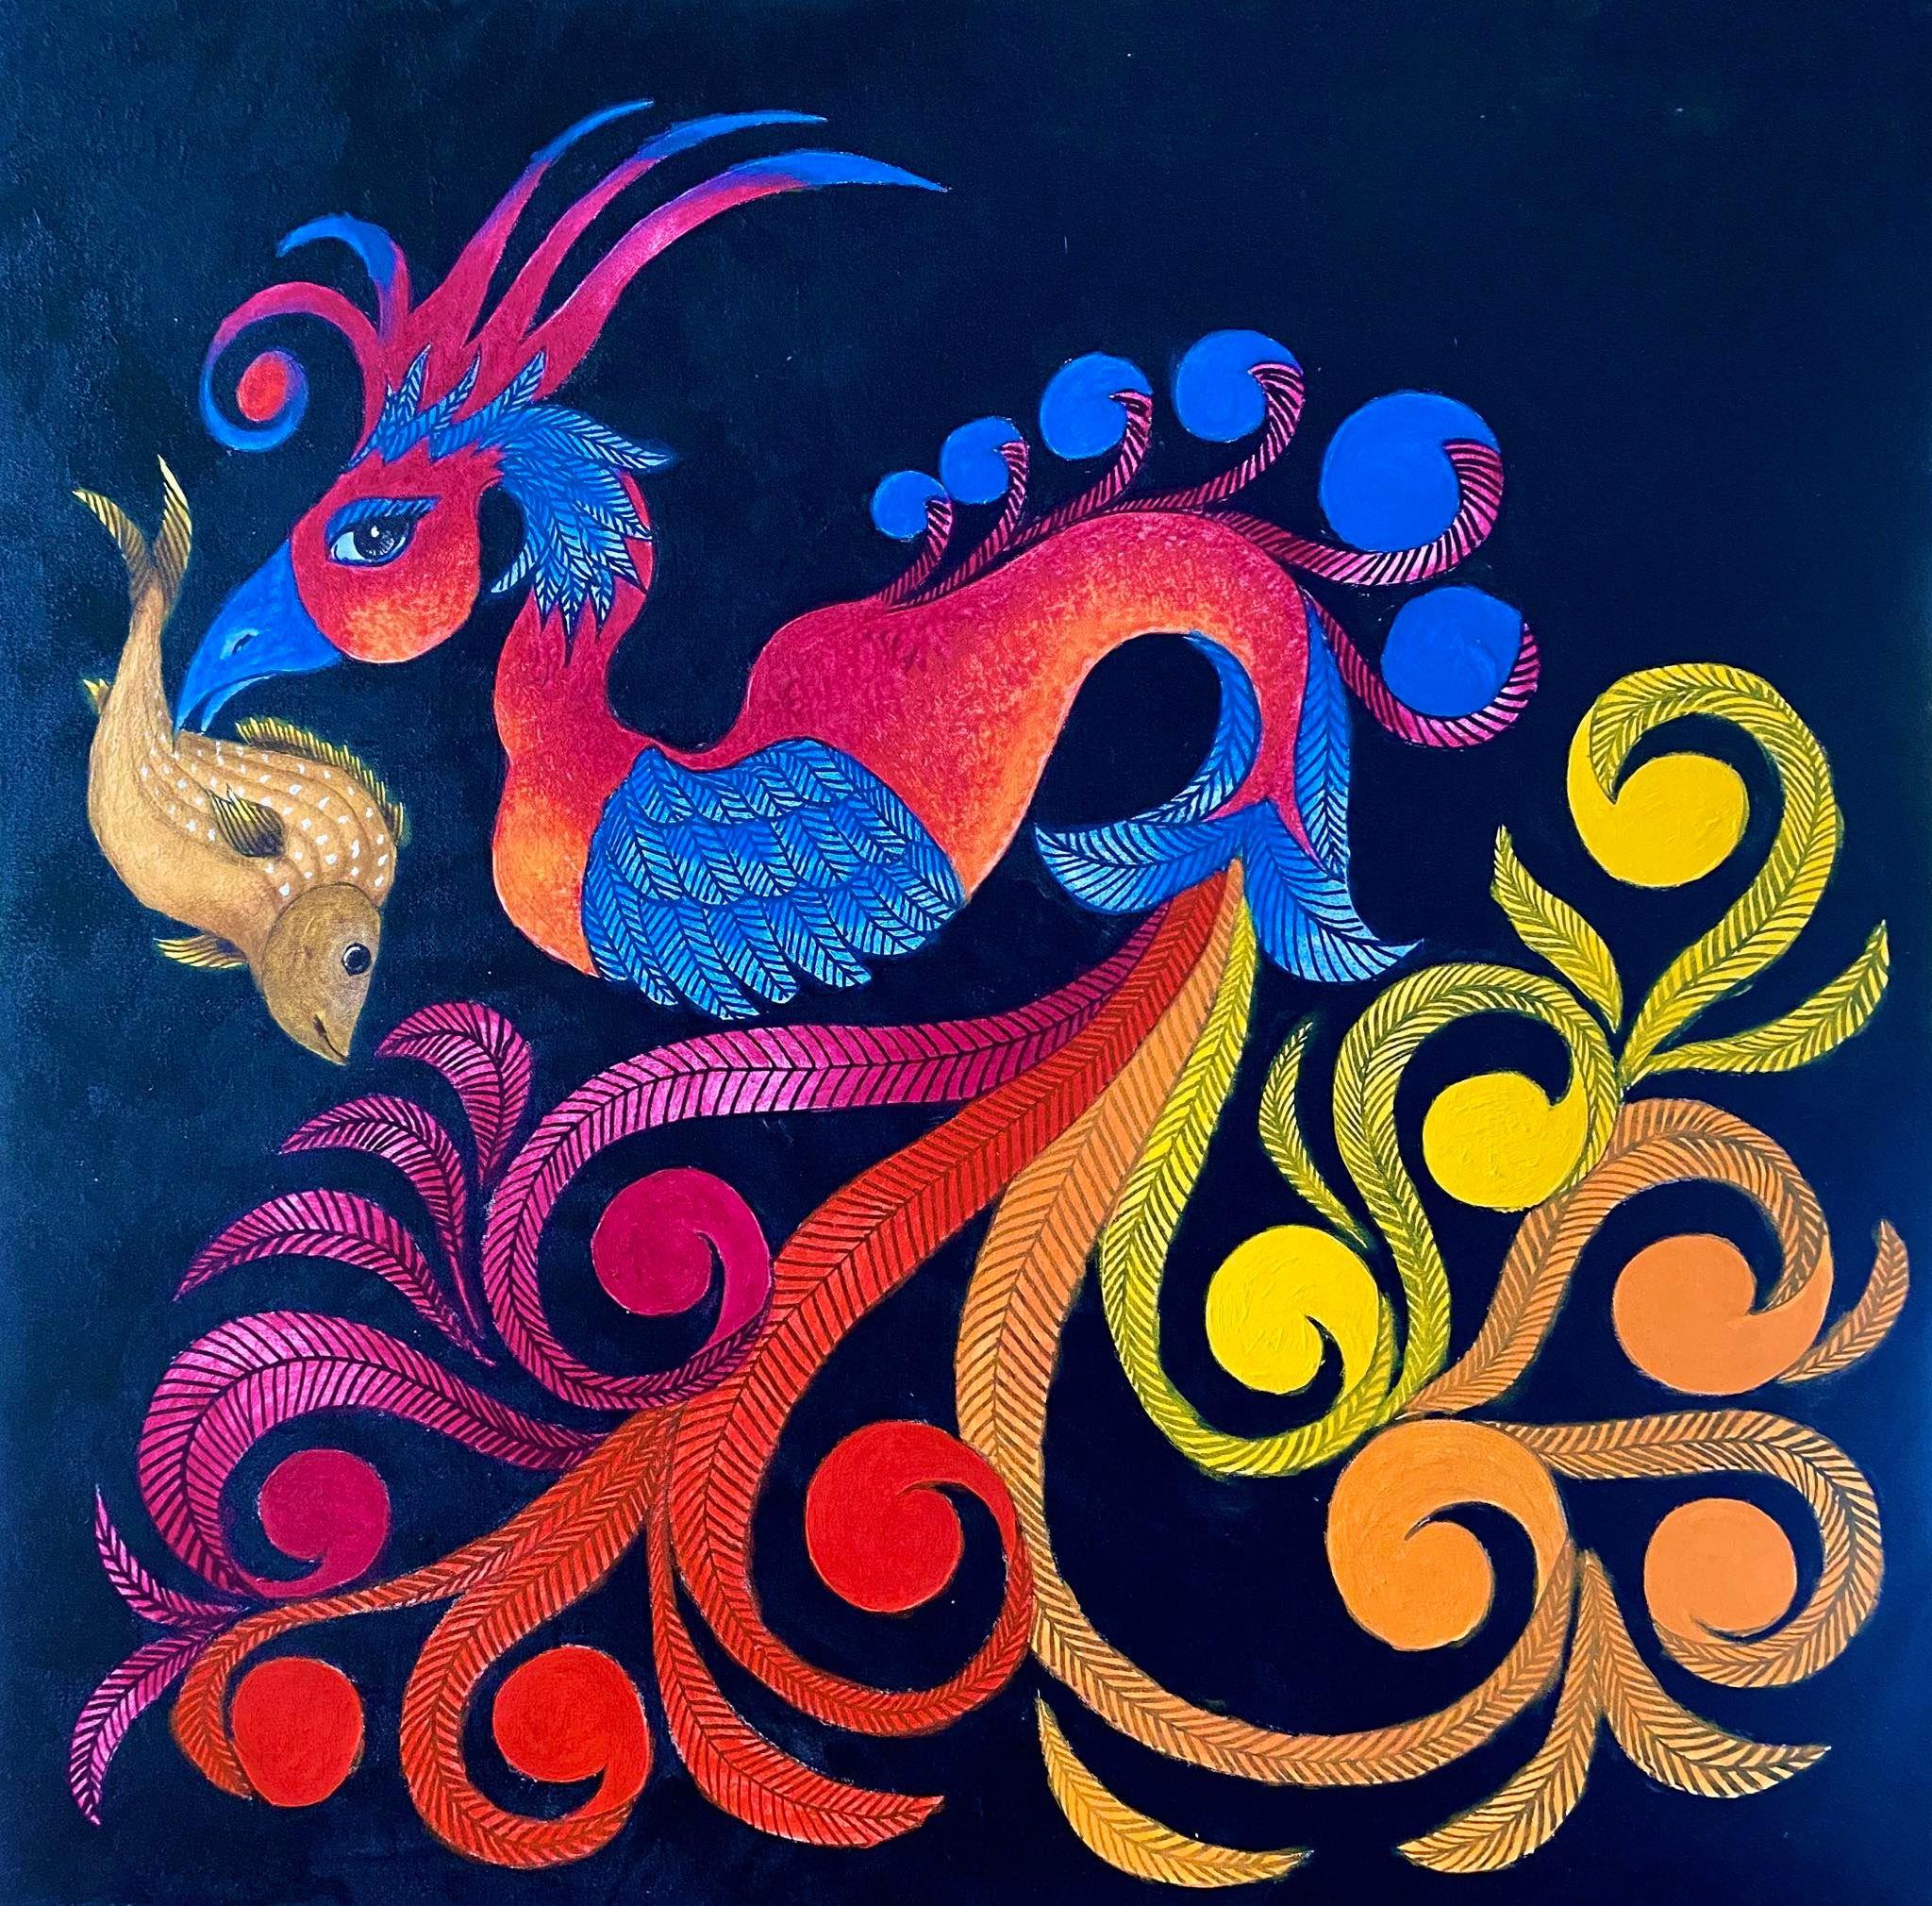 art works Ed Palad Cagayan de Oro